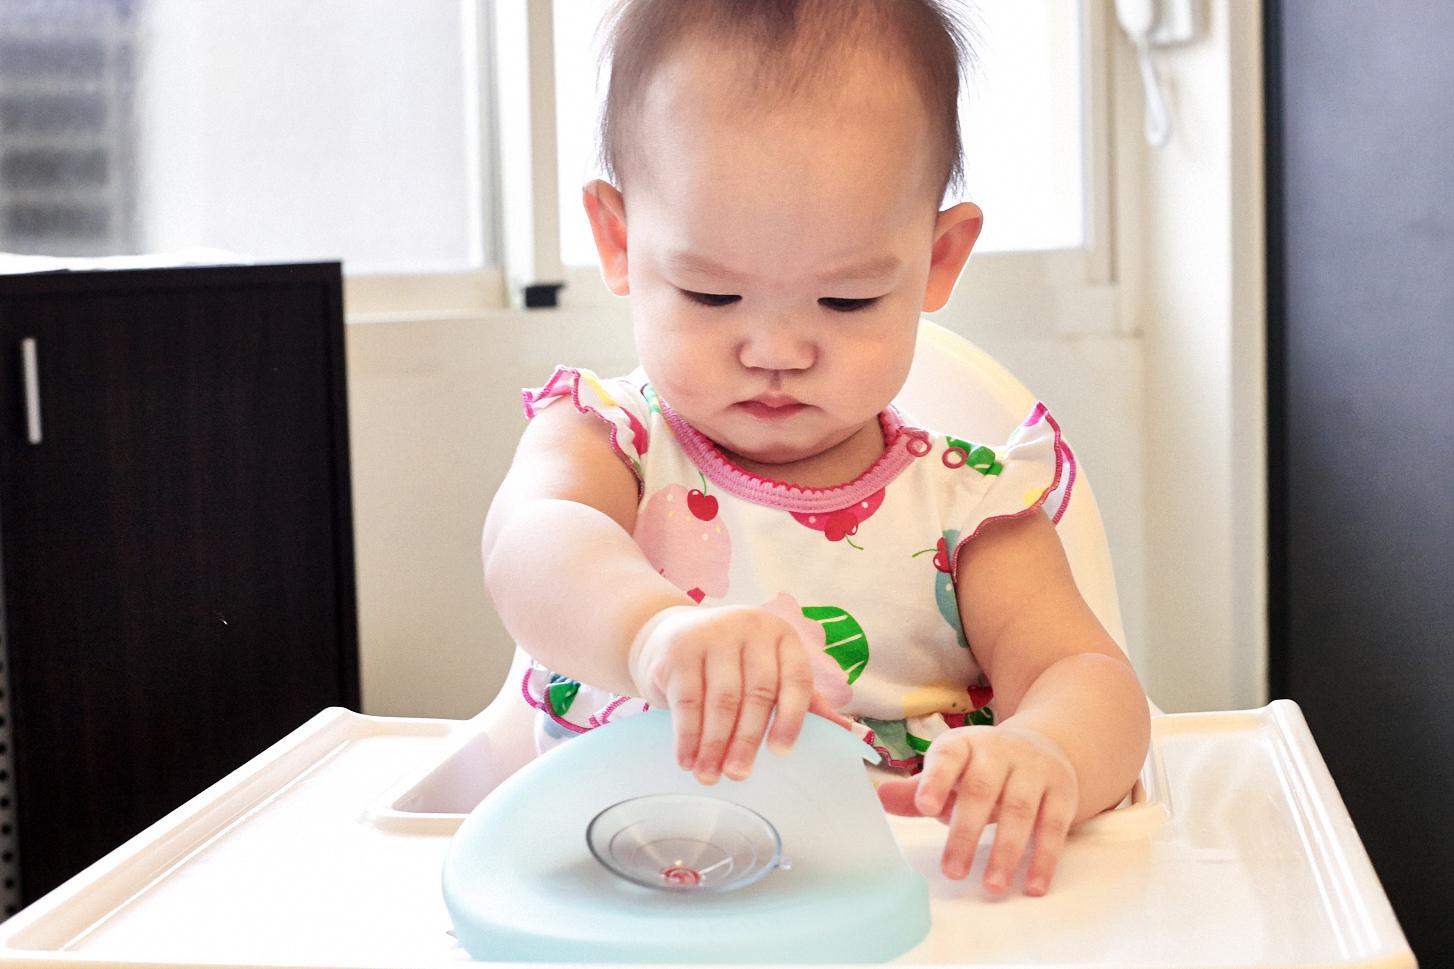 美国baby diner-dish holder婴儿用餐吸盘架-网路